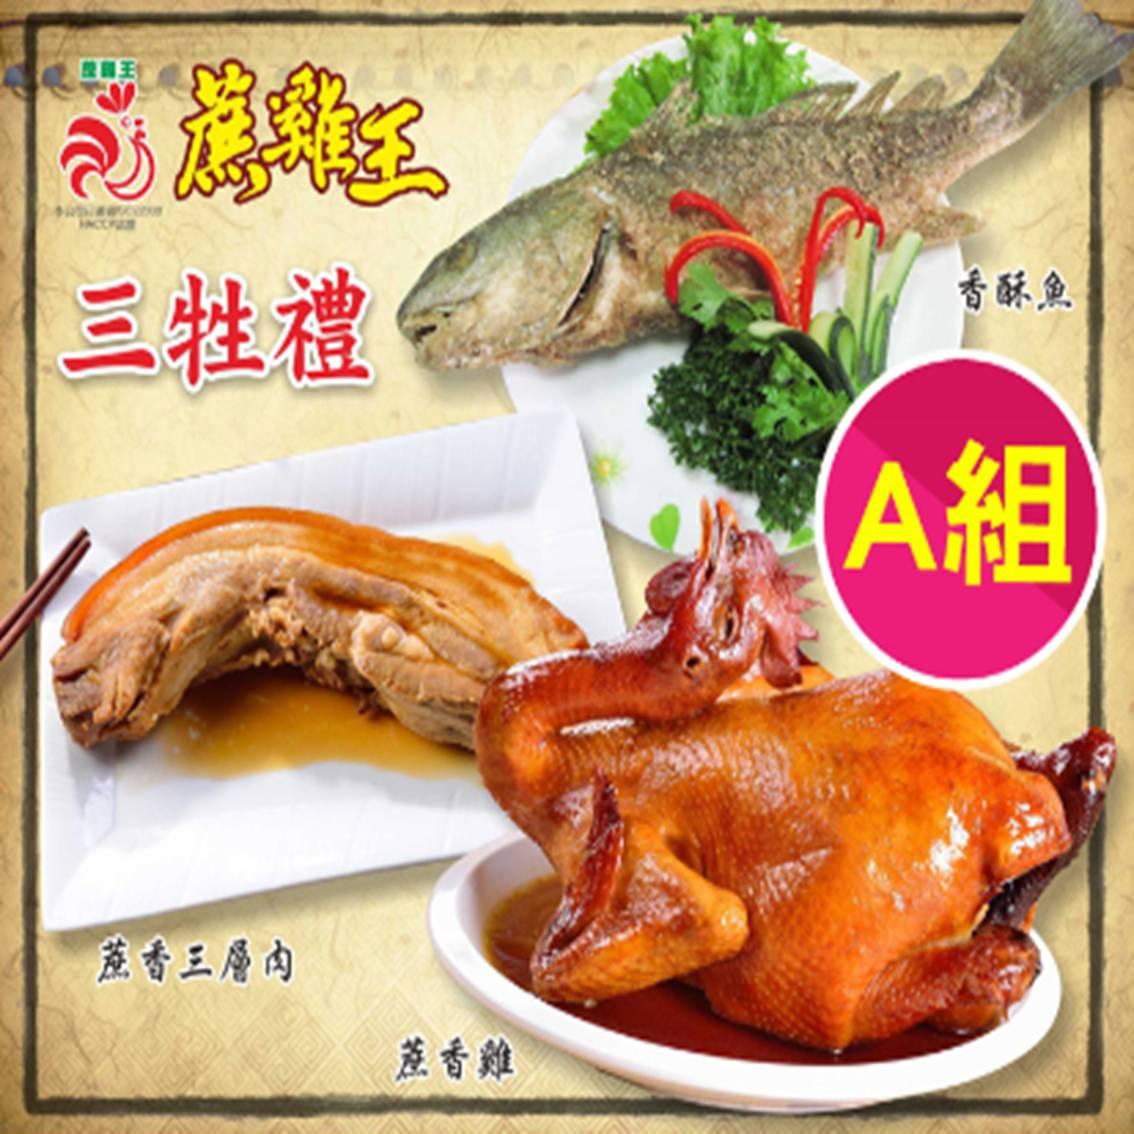 【樂活生活館】   拜拜三牲誠意組 三種可選 冷凍配送   蔗雞王